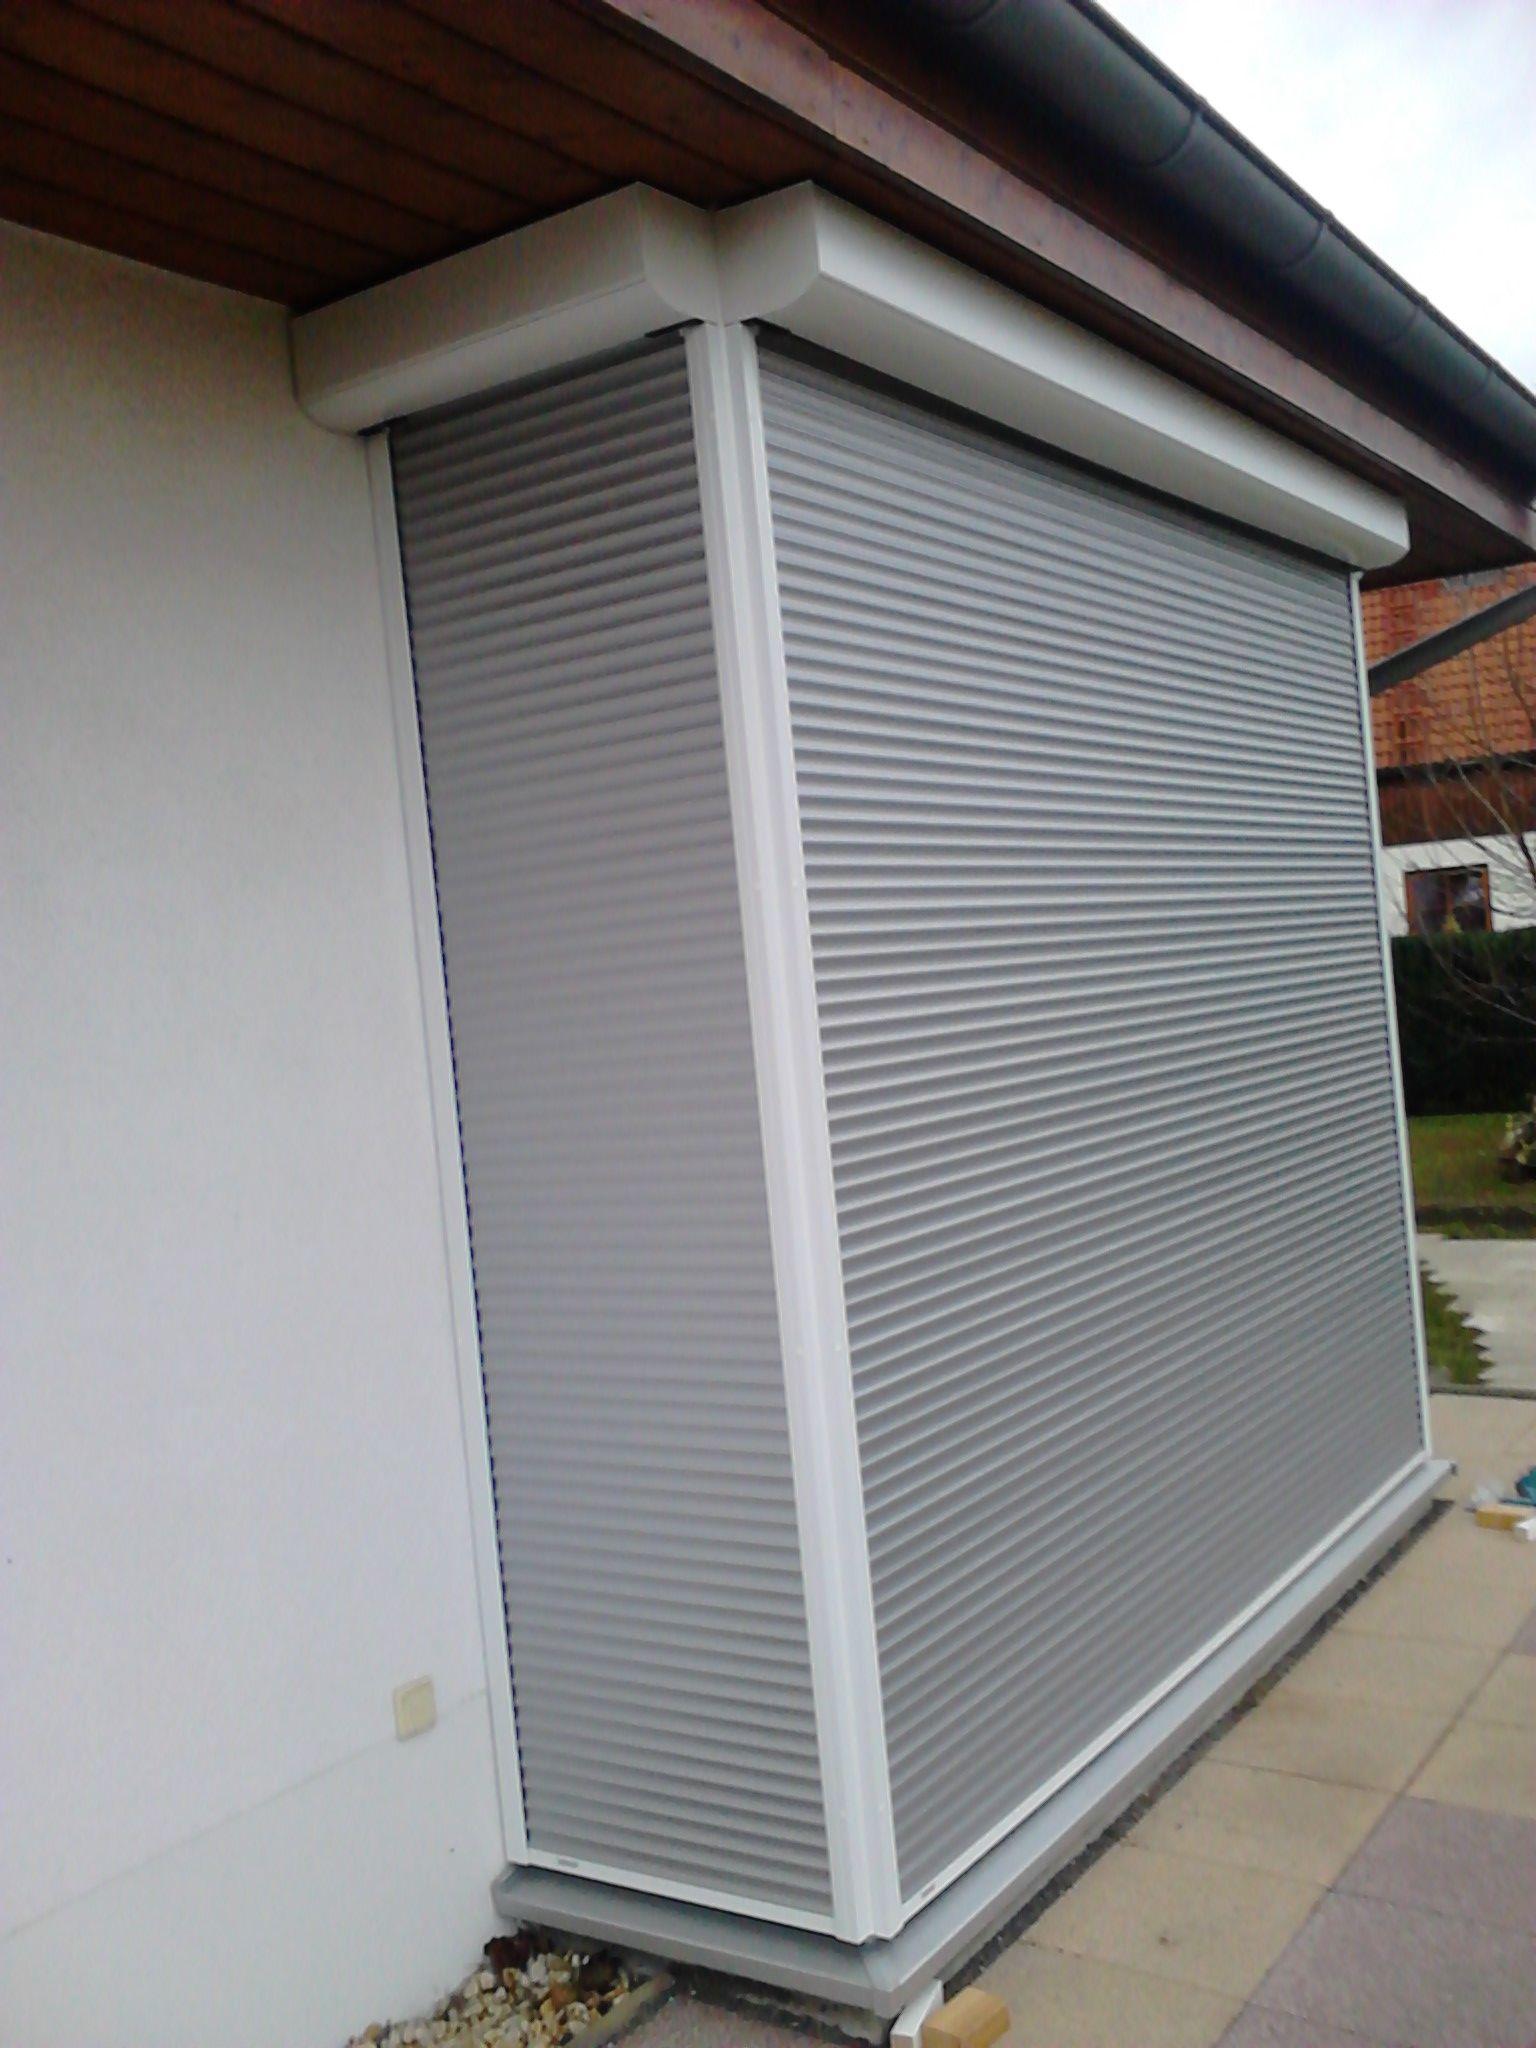 Aluminiumrollladen Weiss Und Silber Vorbaurollladen Fenster Und Turen Aluminium Modernes Design